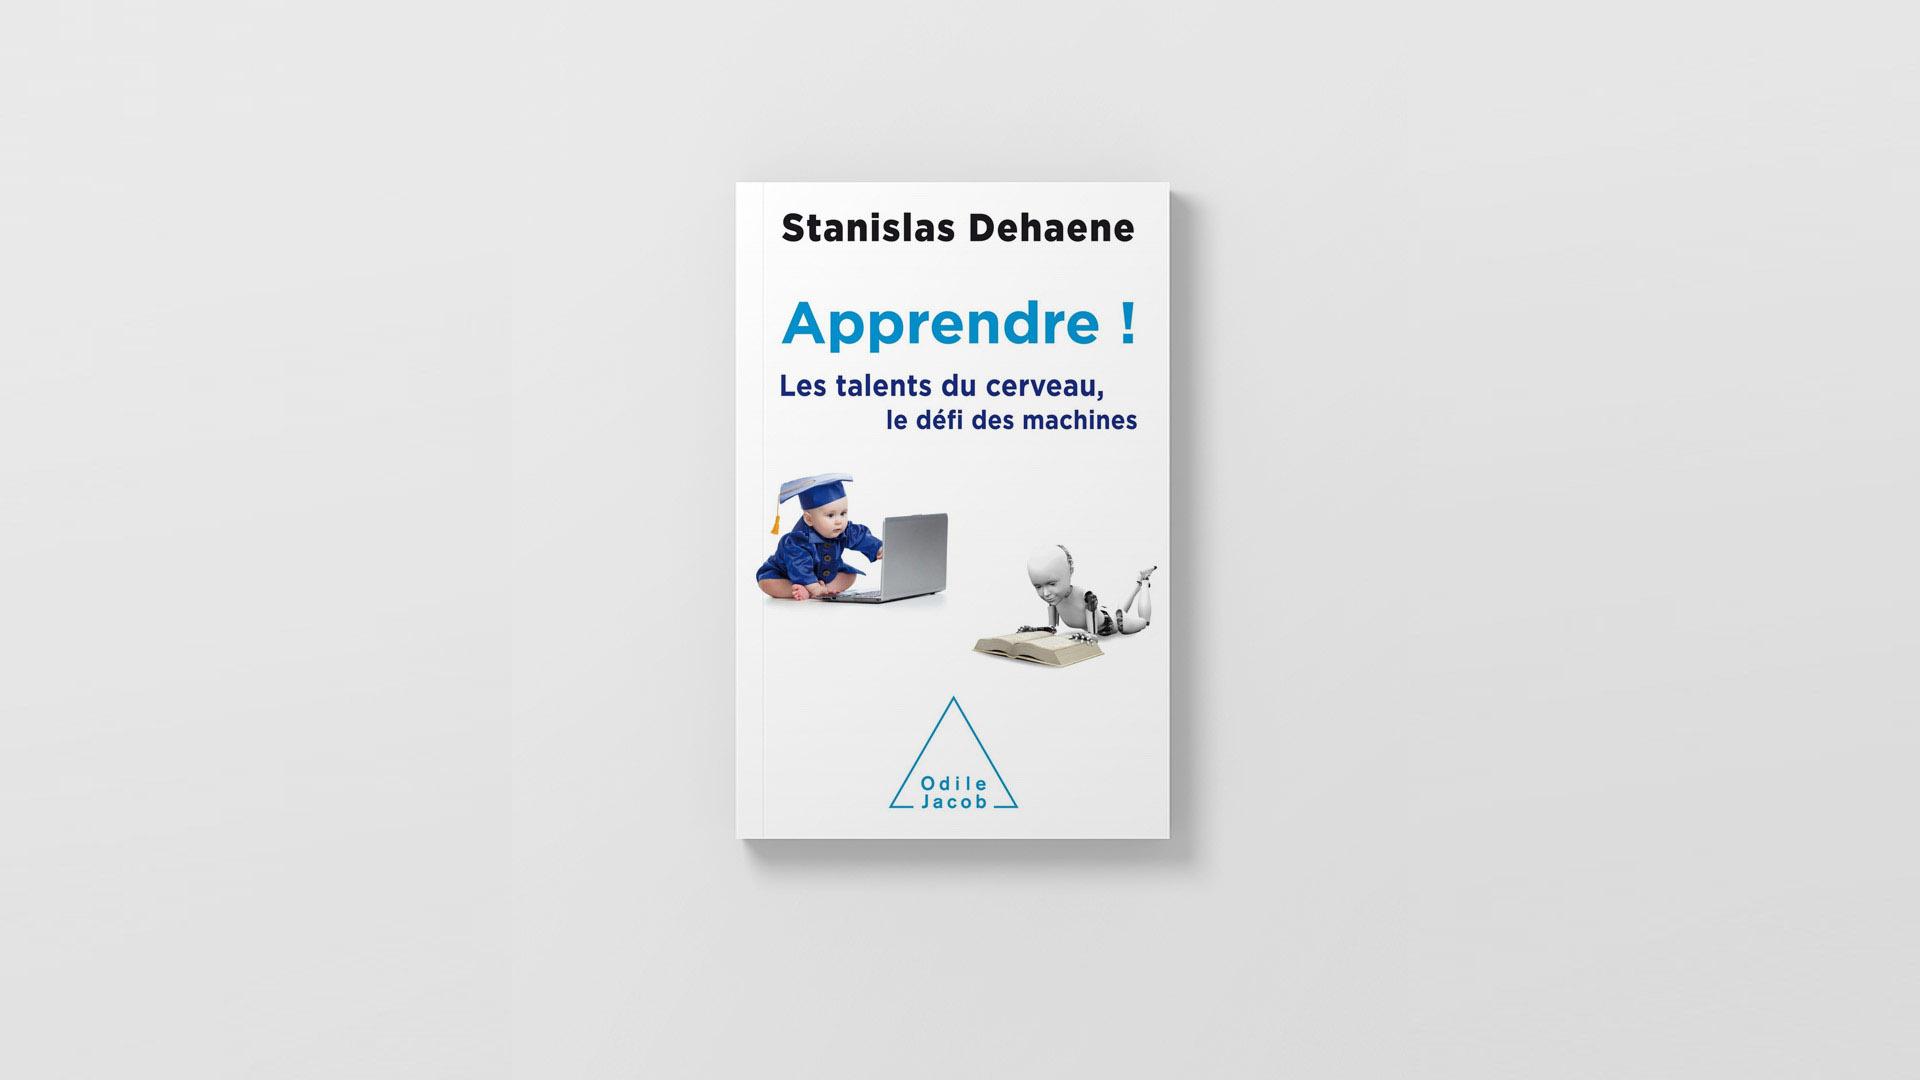 Stanislas Dehaene, la faculté d'apprendre